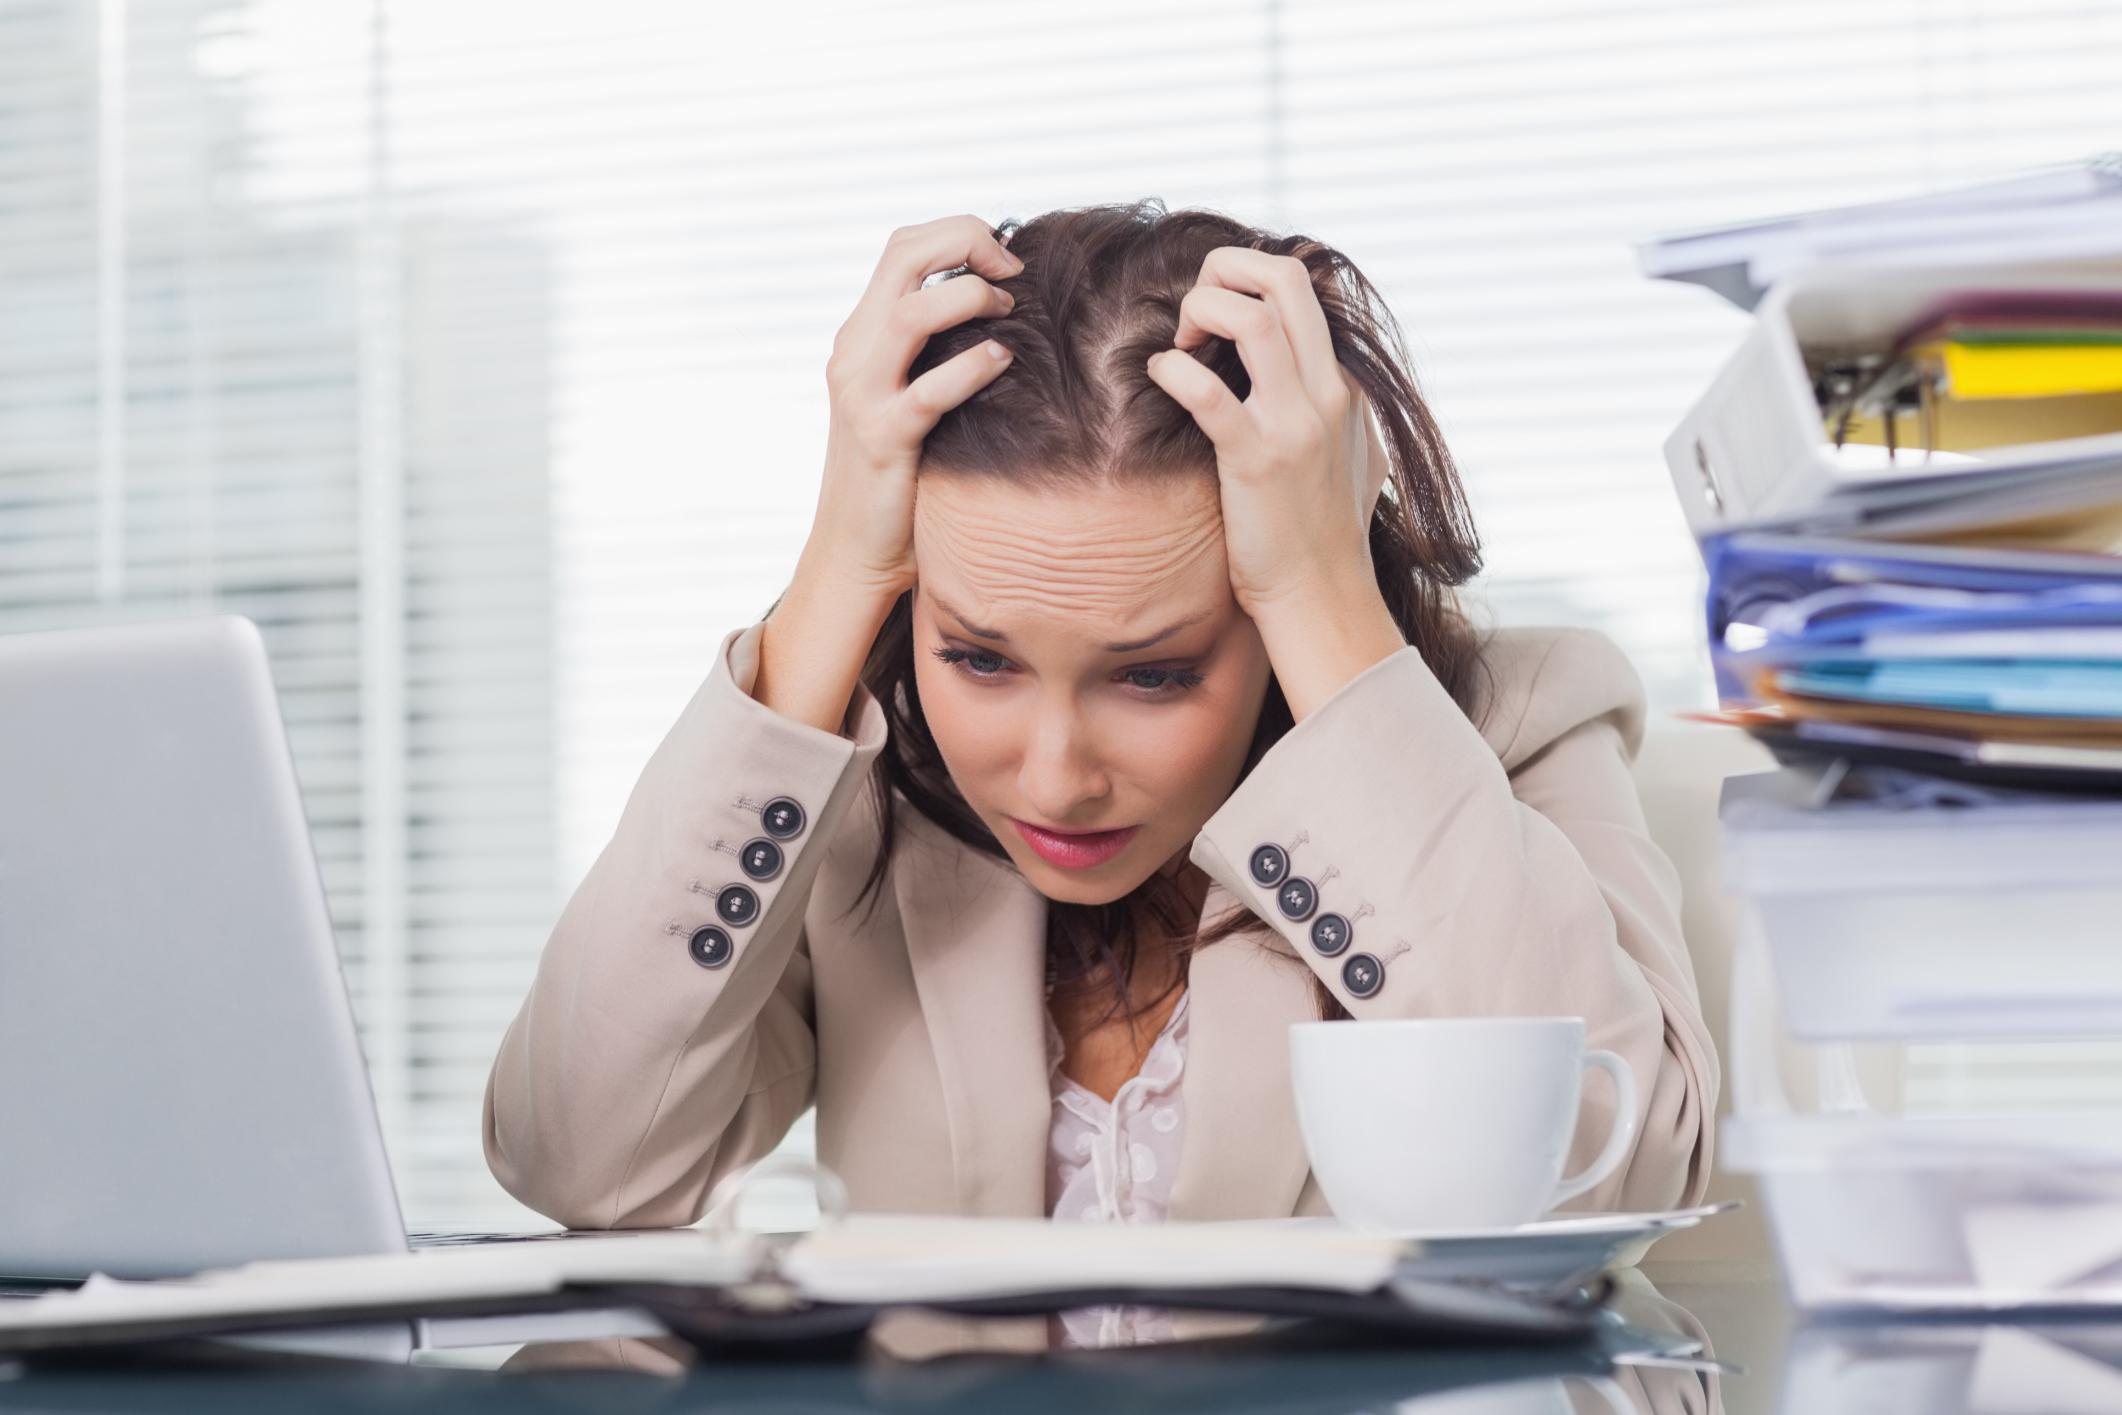 Прикольные картинки об усталости на работе и психозе, армия